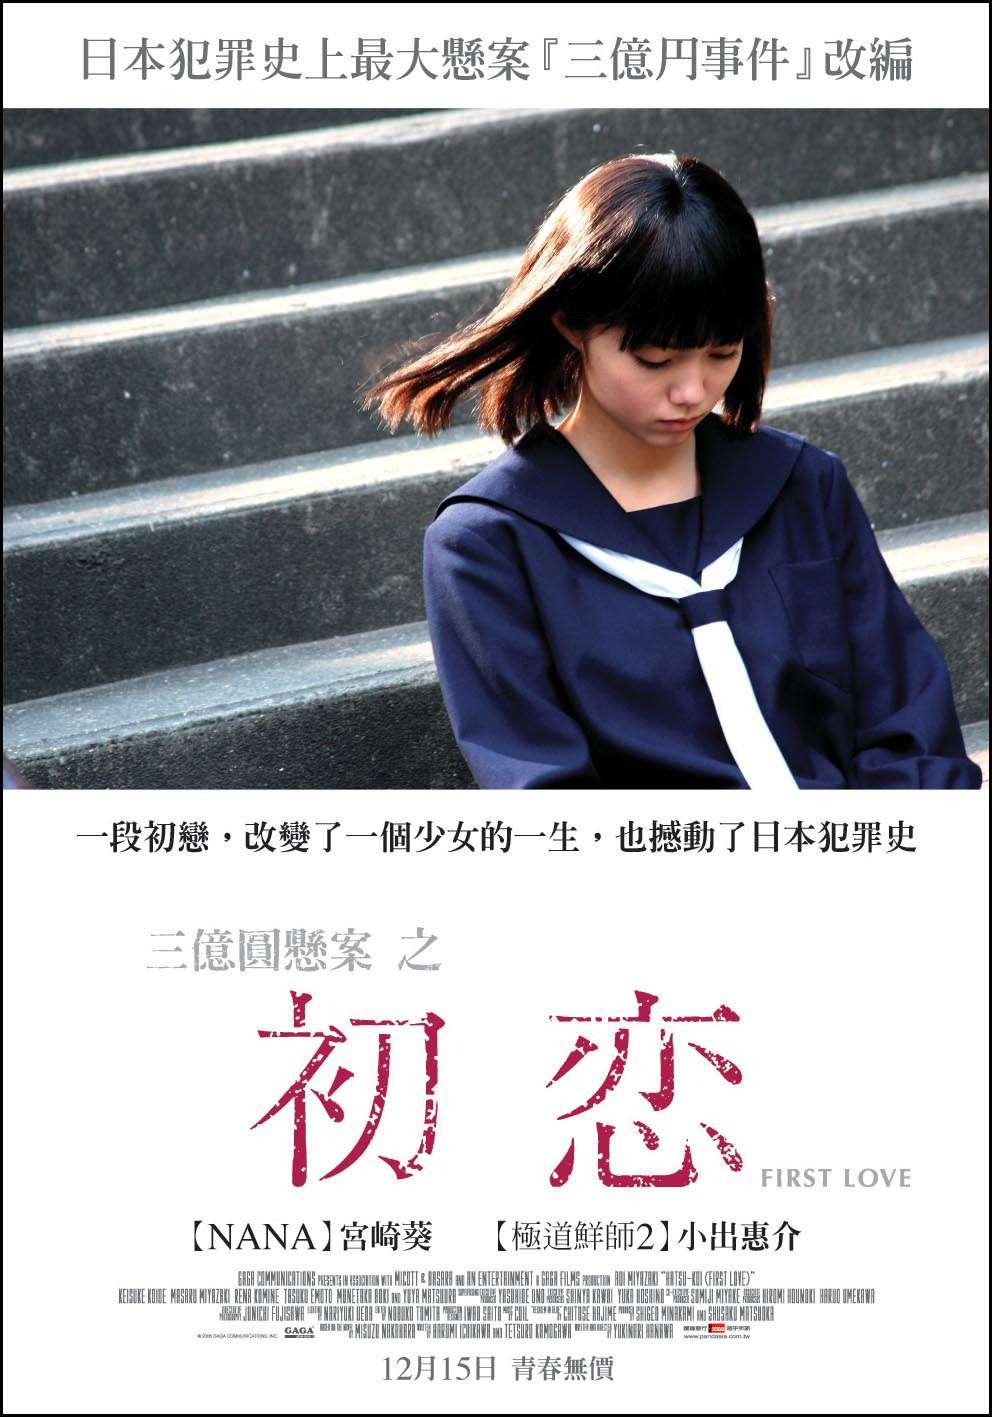 三億圓懸案之初戀_First Love_電影海報